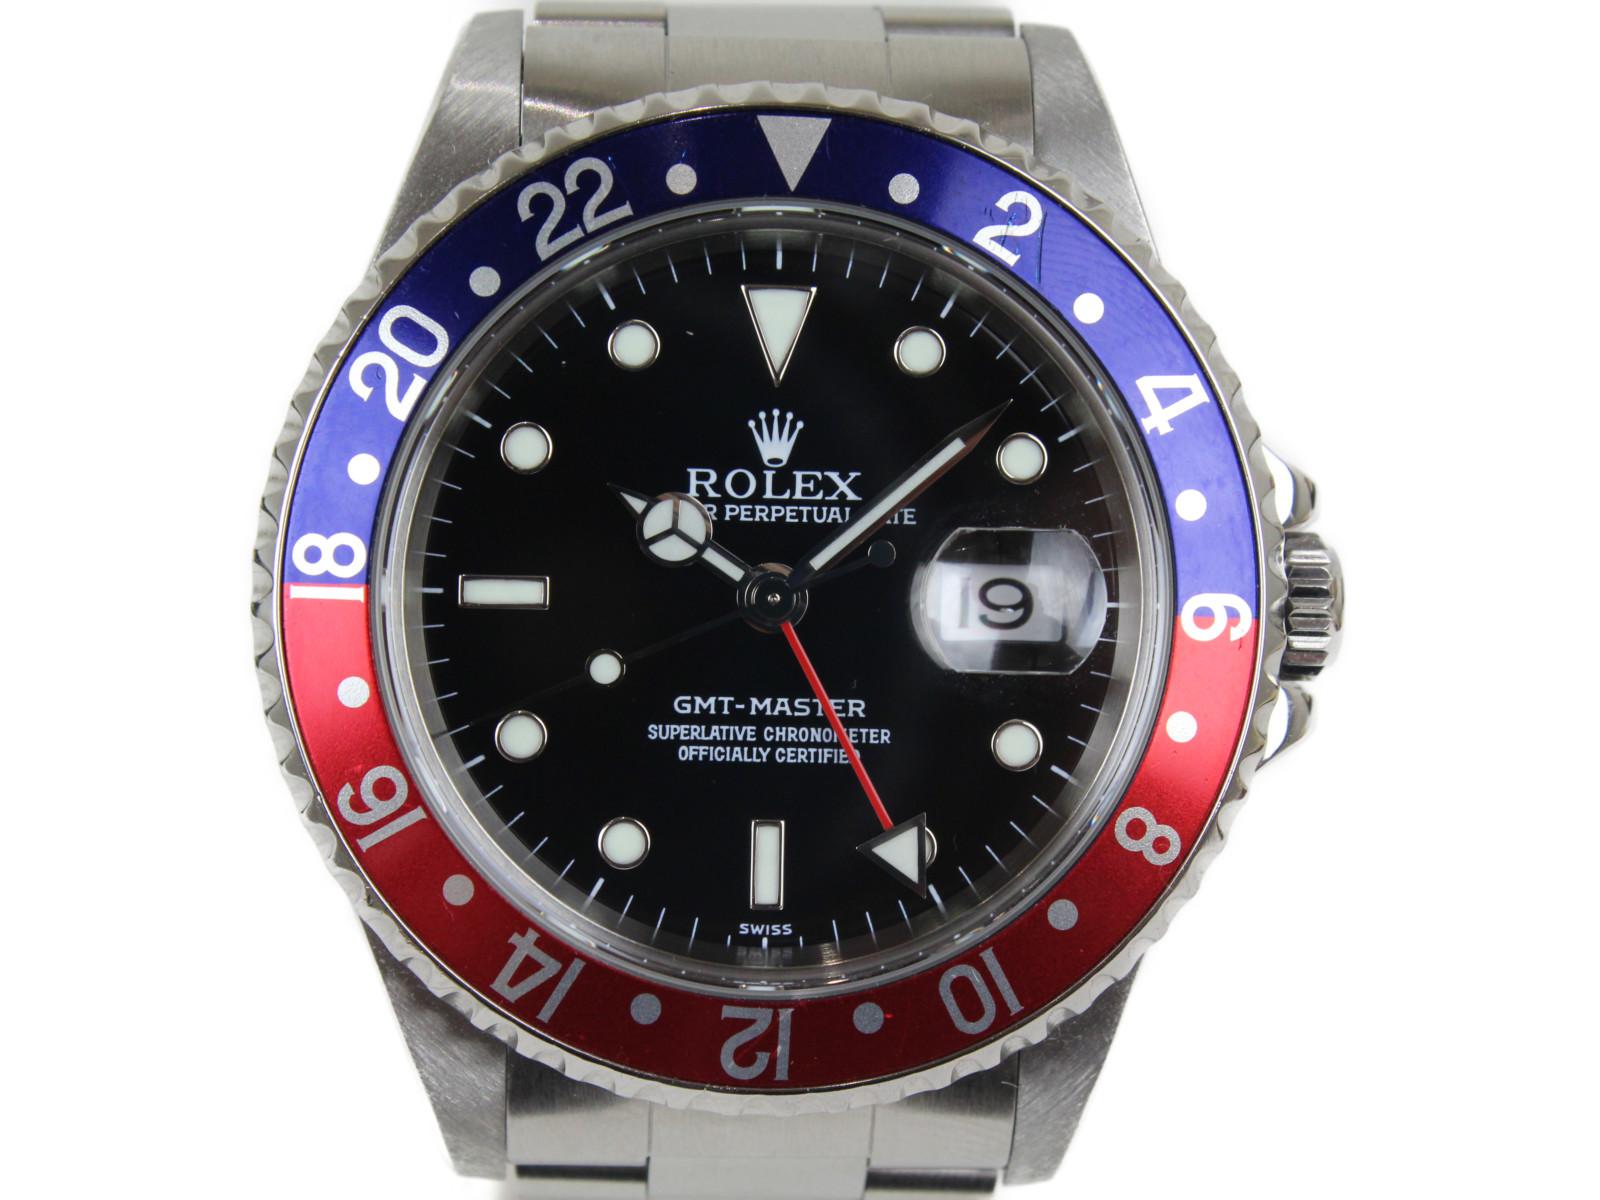 ROLEX GMTマスターI 16700 A番 SS ステンレススチール 自動巻き 腕時計 メンズ レディース ユニセックス 青赤 ペプシ【中古】